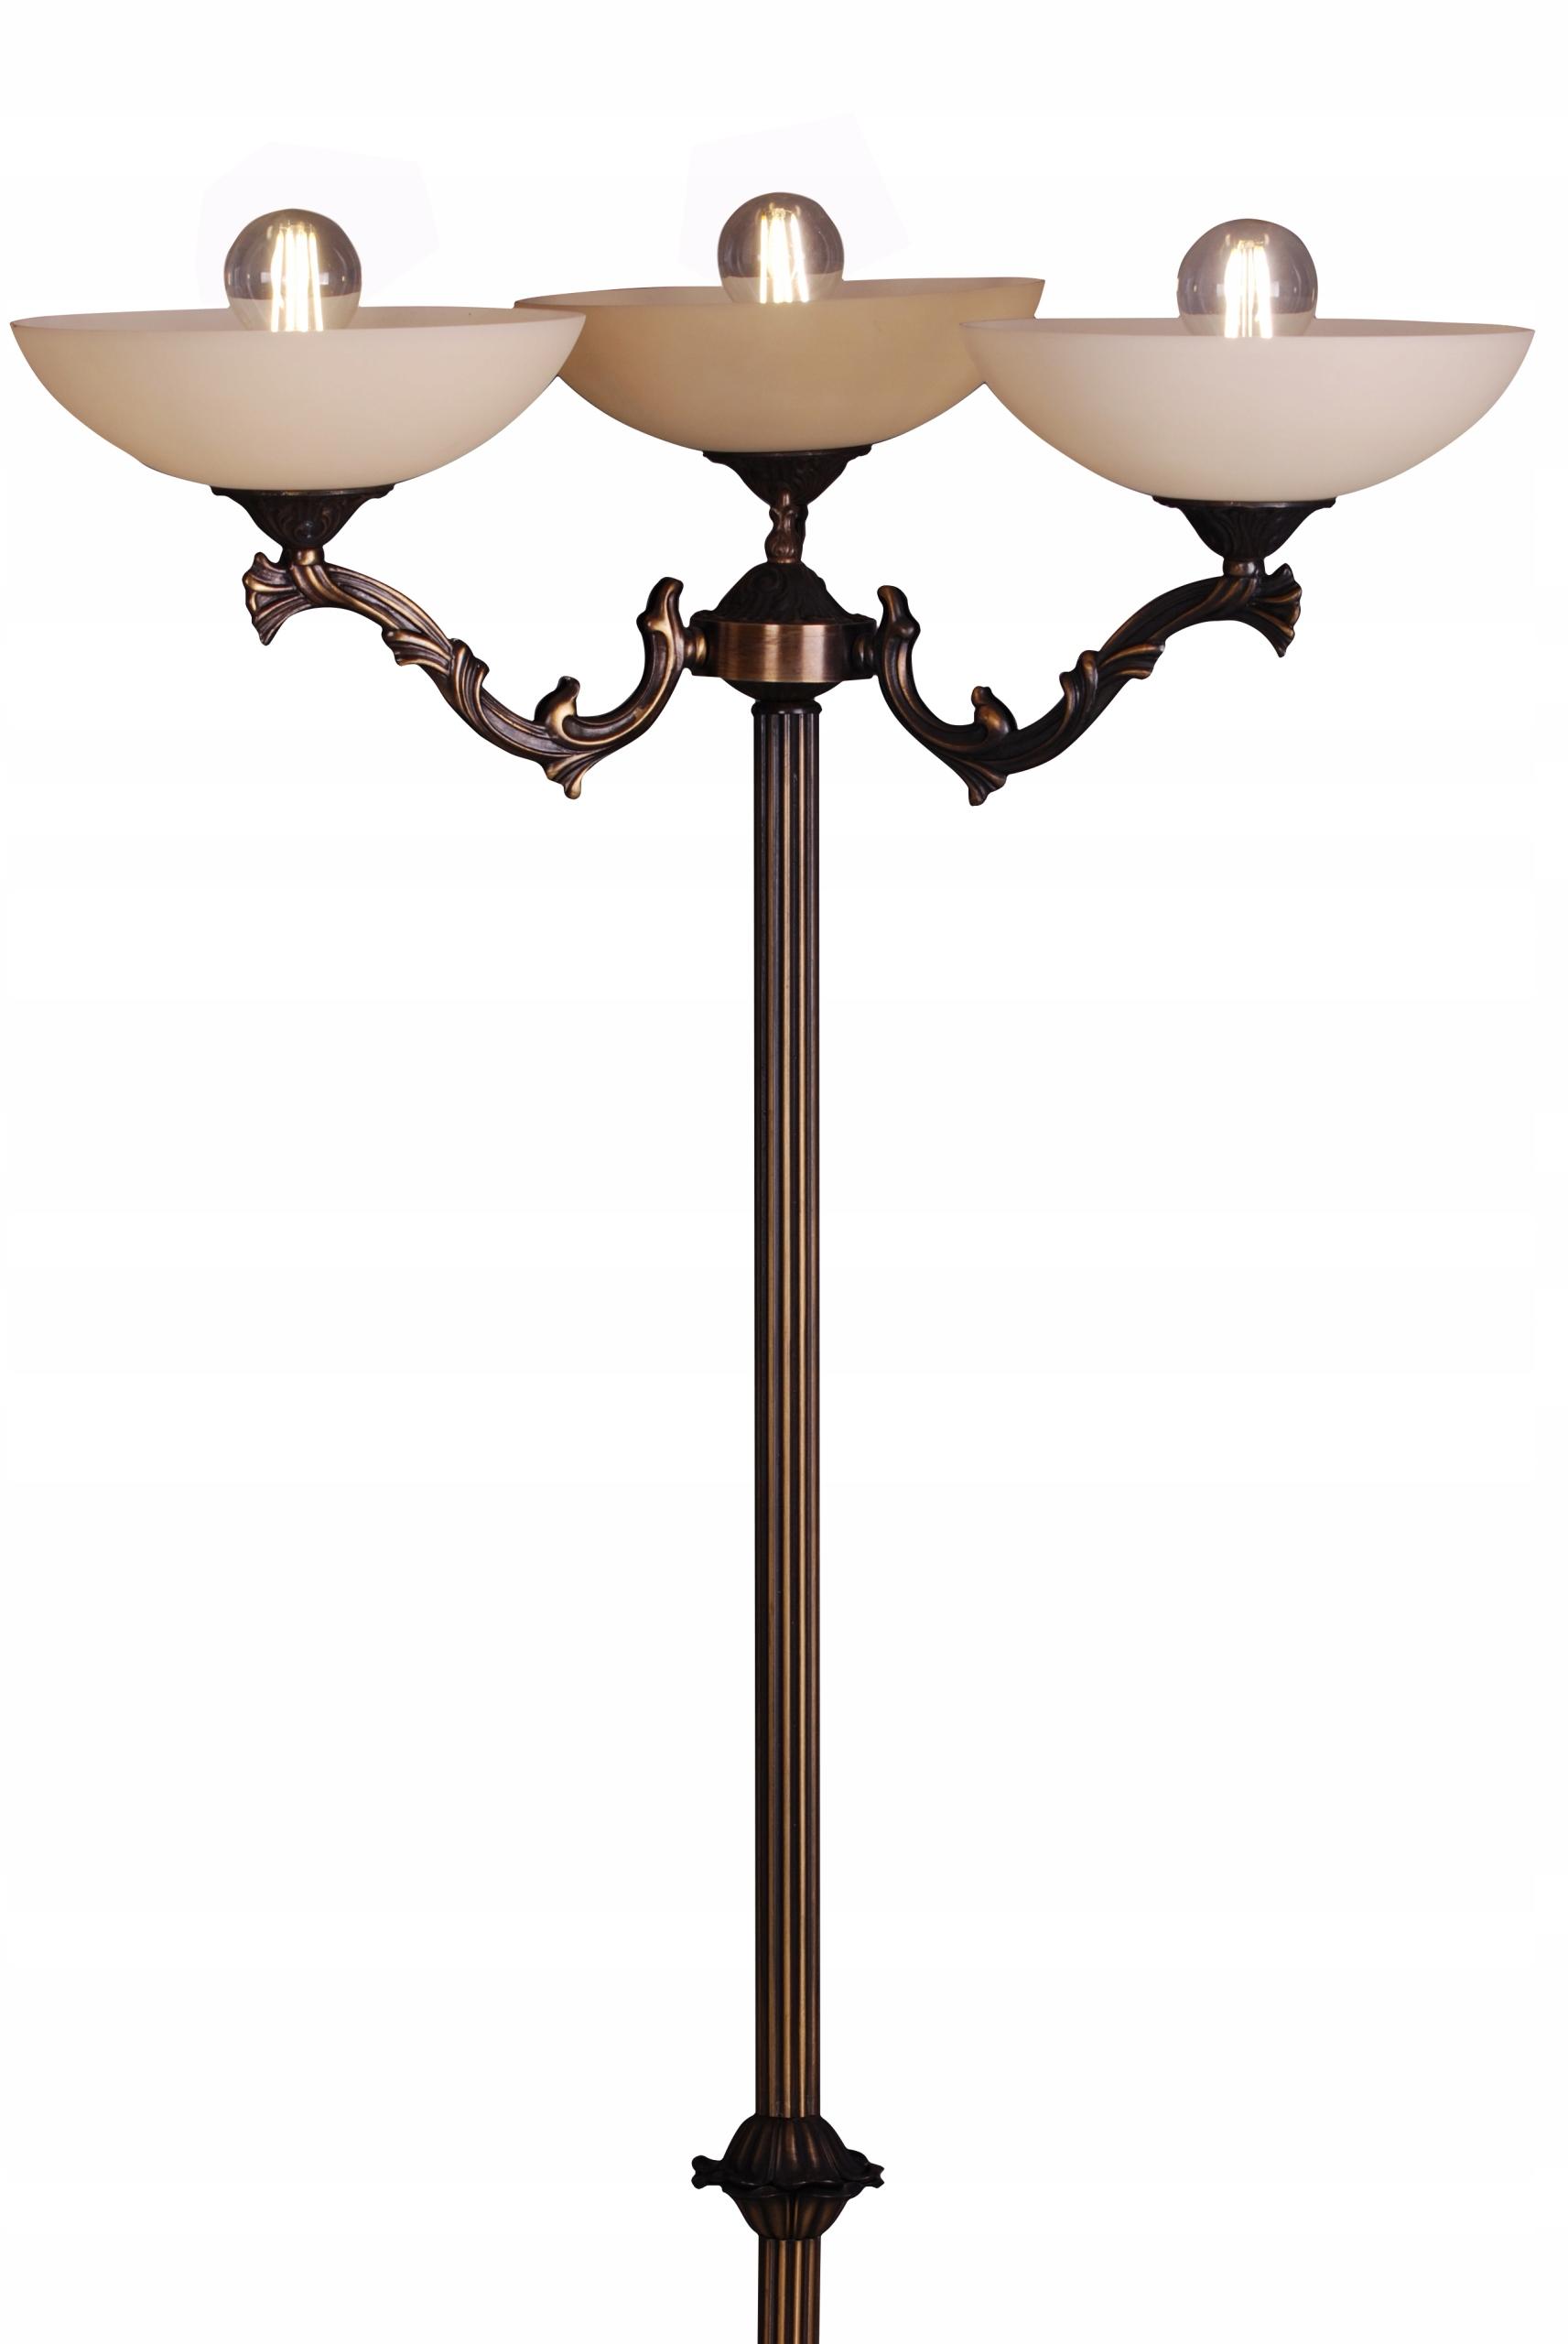 Podlahová lampa Retro, trojité odtiene, bronzová